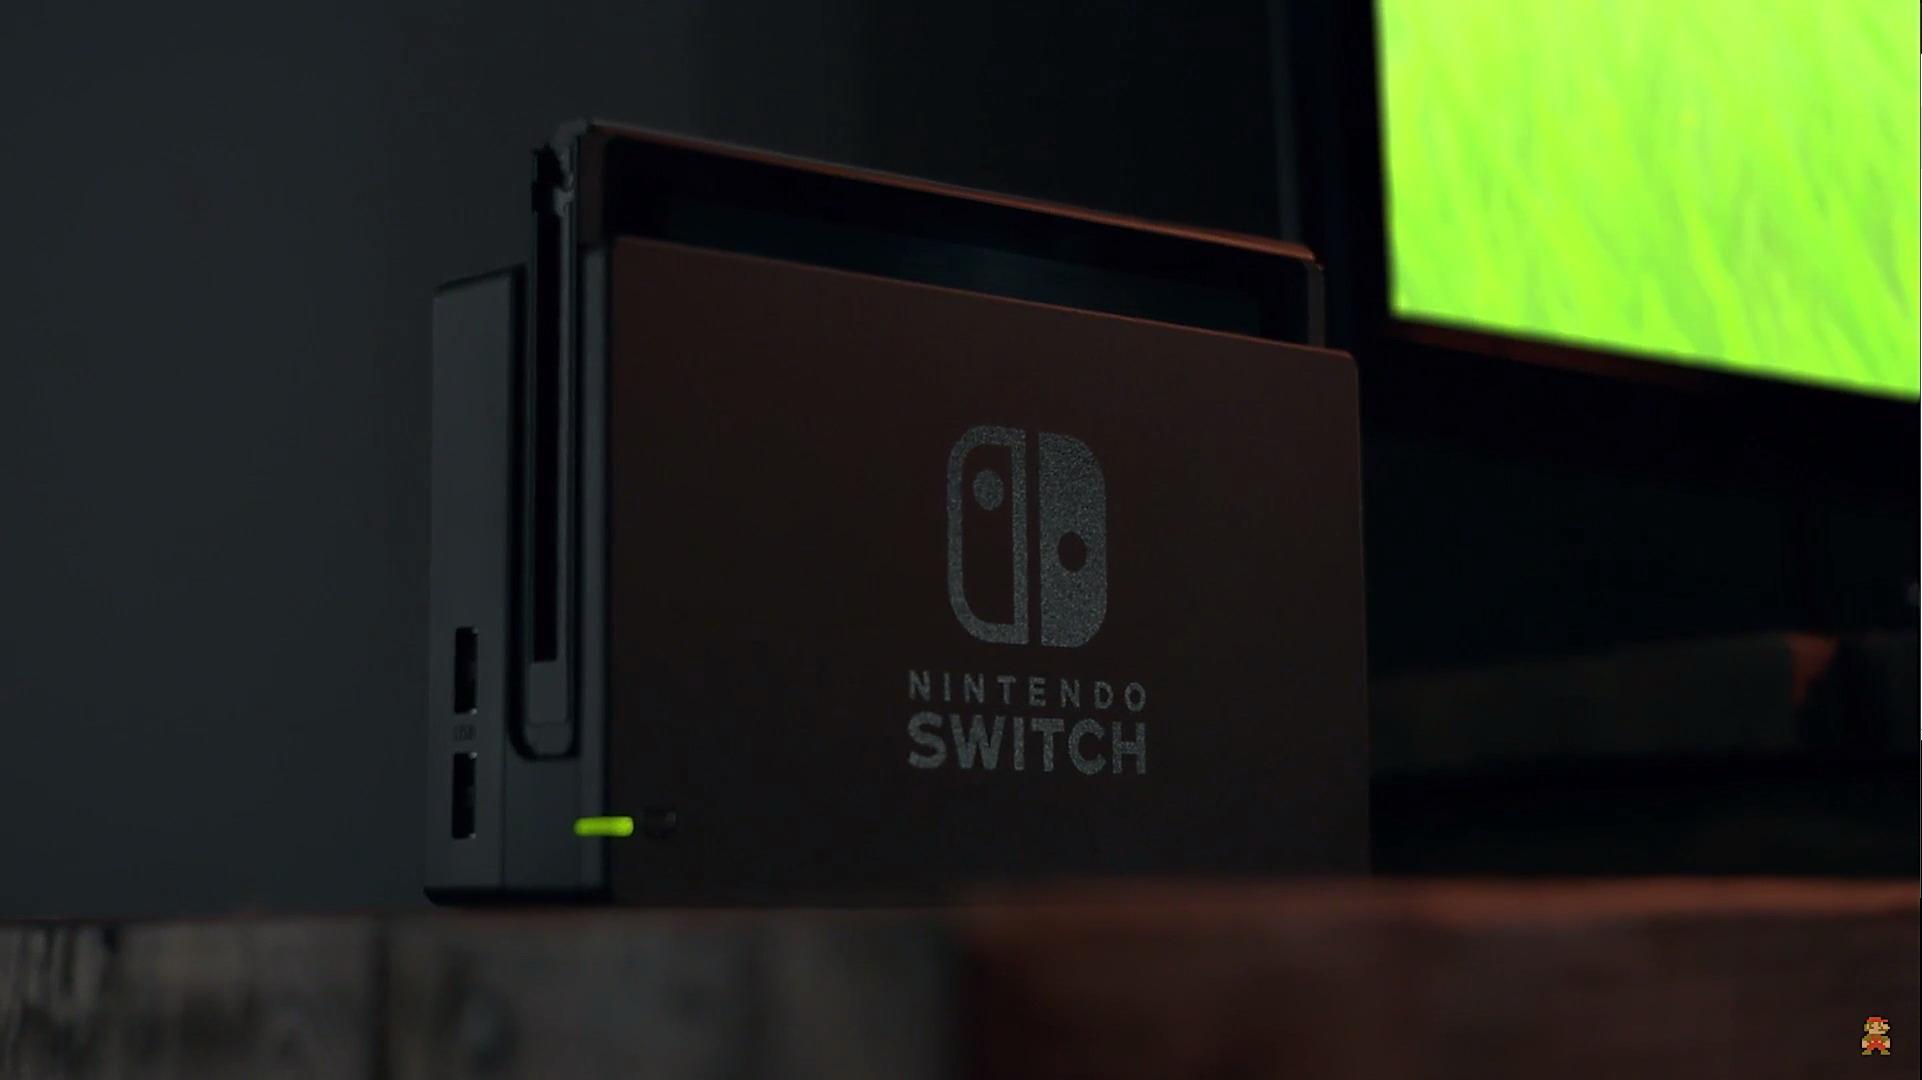 NintendoSwitch 09